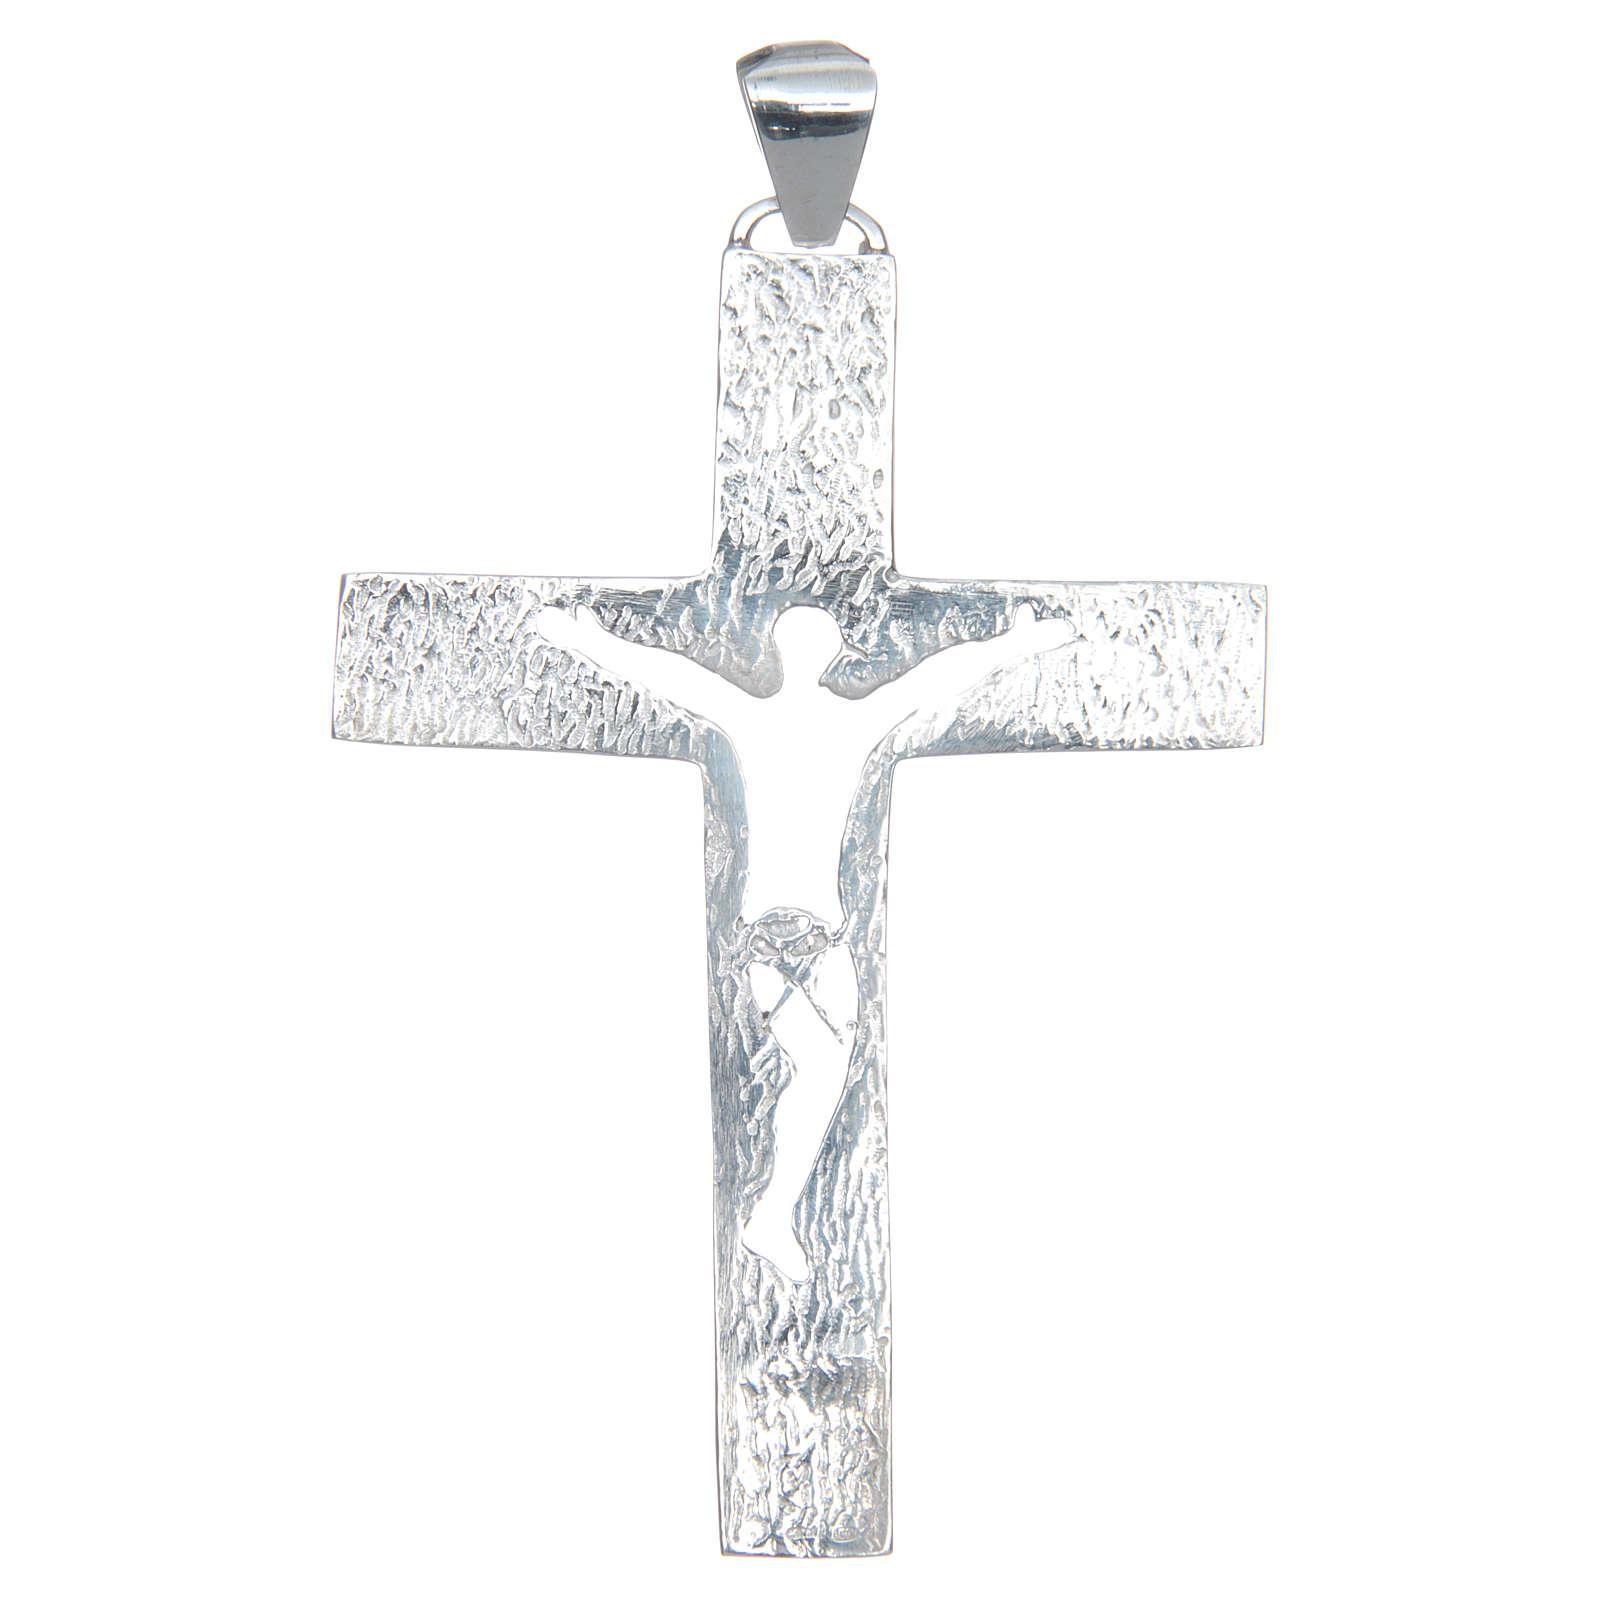 Croce pettorale Argento 925 corpo traforato 3